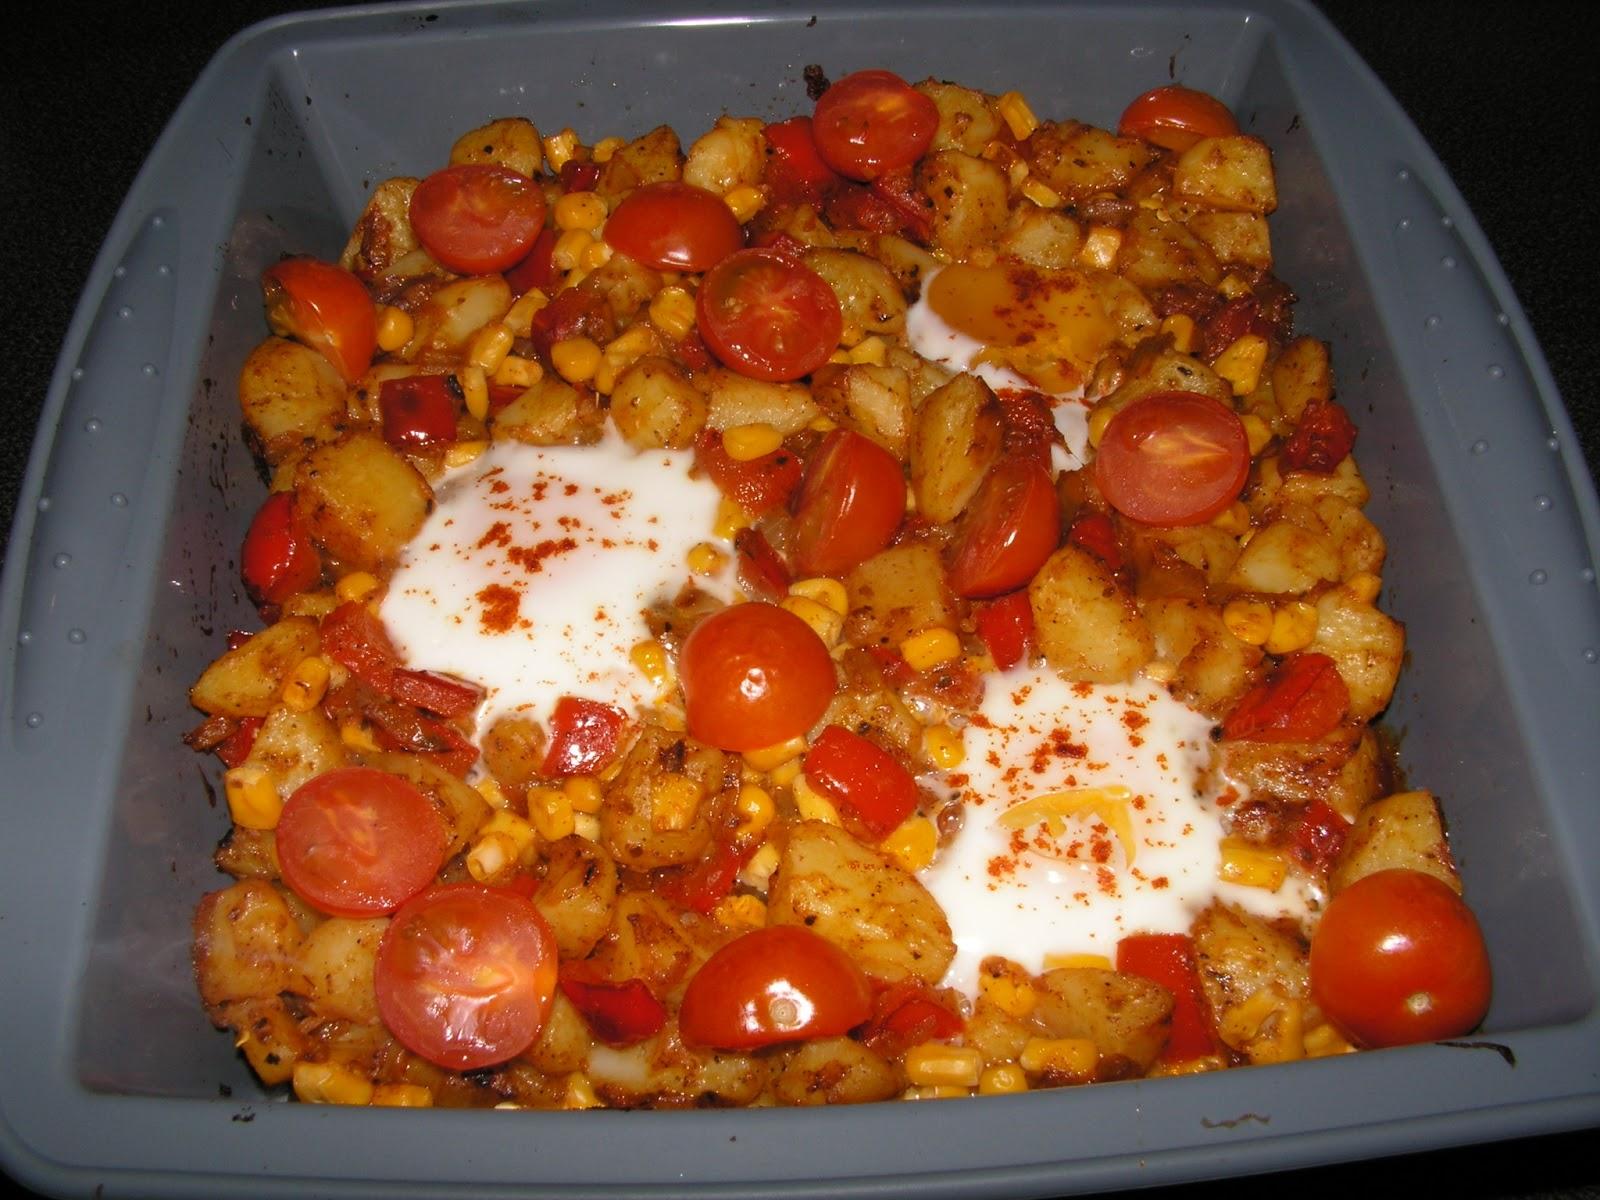 Ziemniaki Z Jajkami Po Meksykansku Blog Kulinarny Z Pysznymi